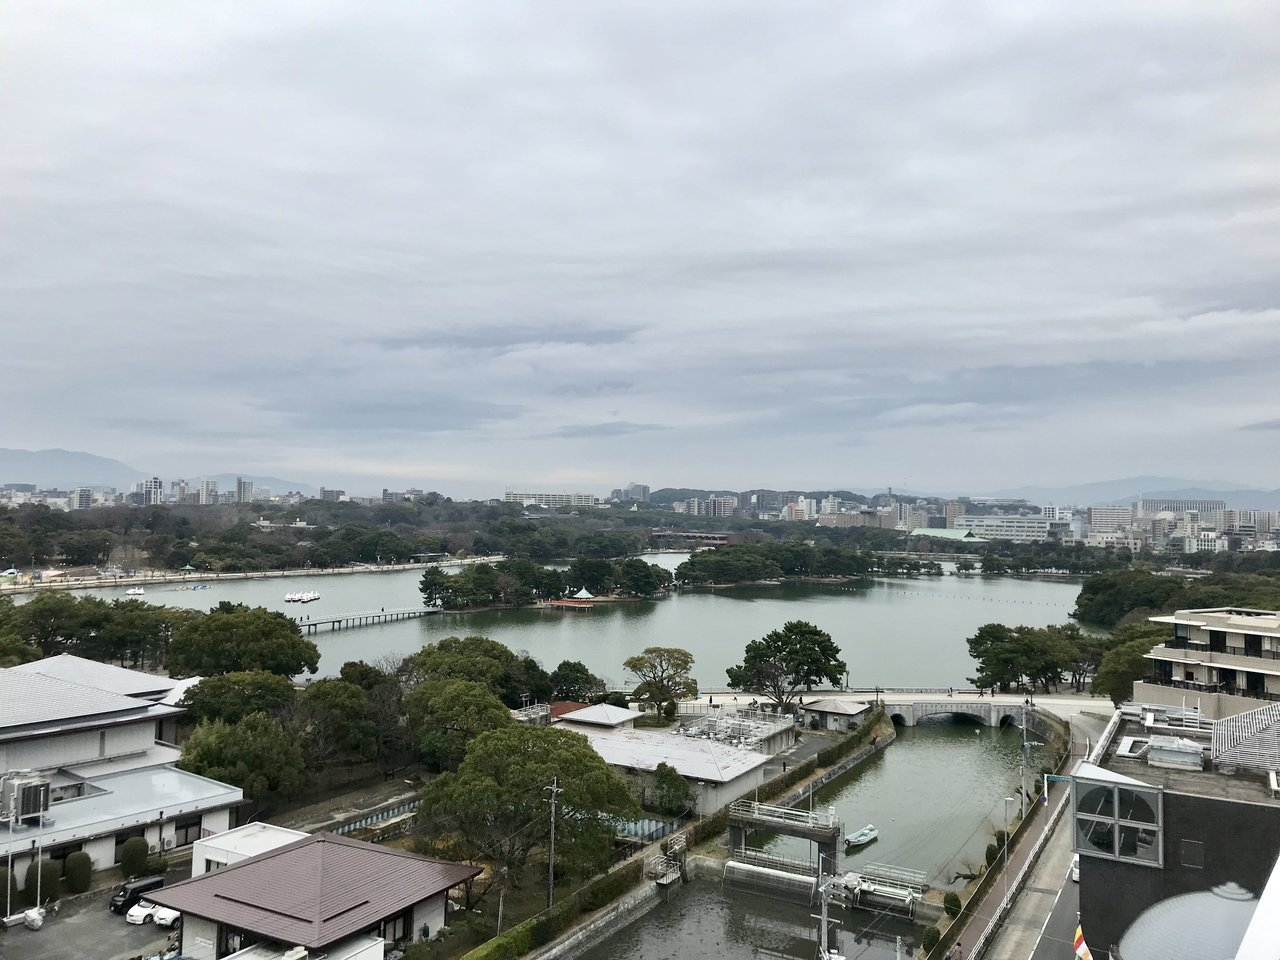 そして何と言っても特筆すべきはこの眺望!福岡人の愛するオアシス、大濠公園を一望できます。